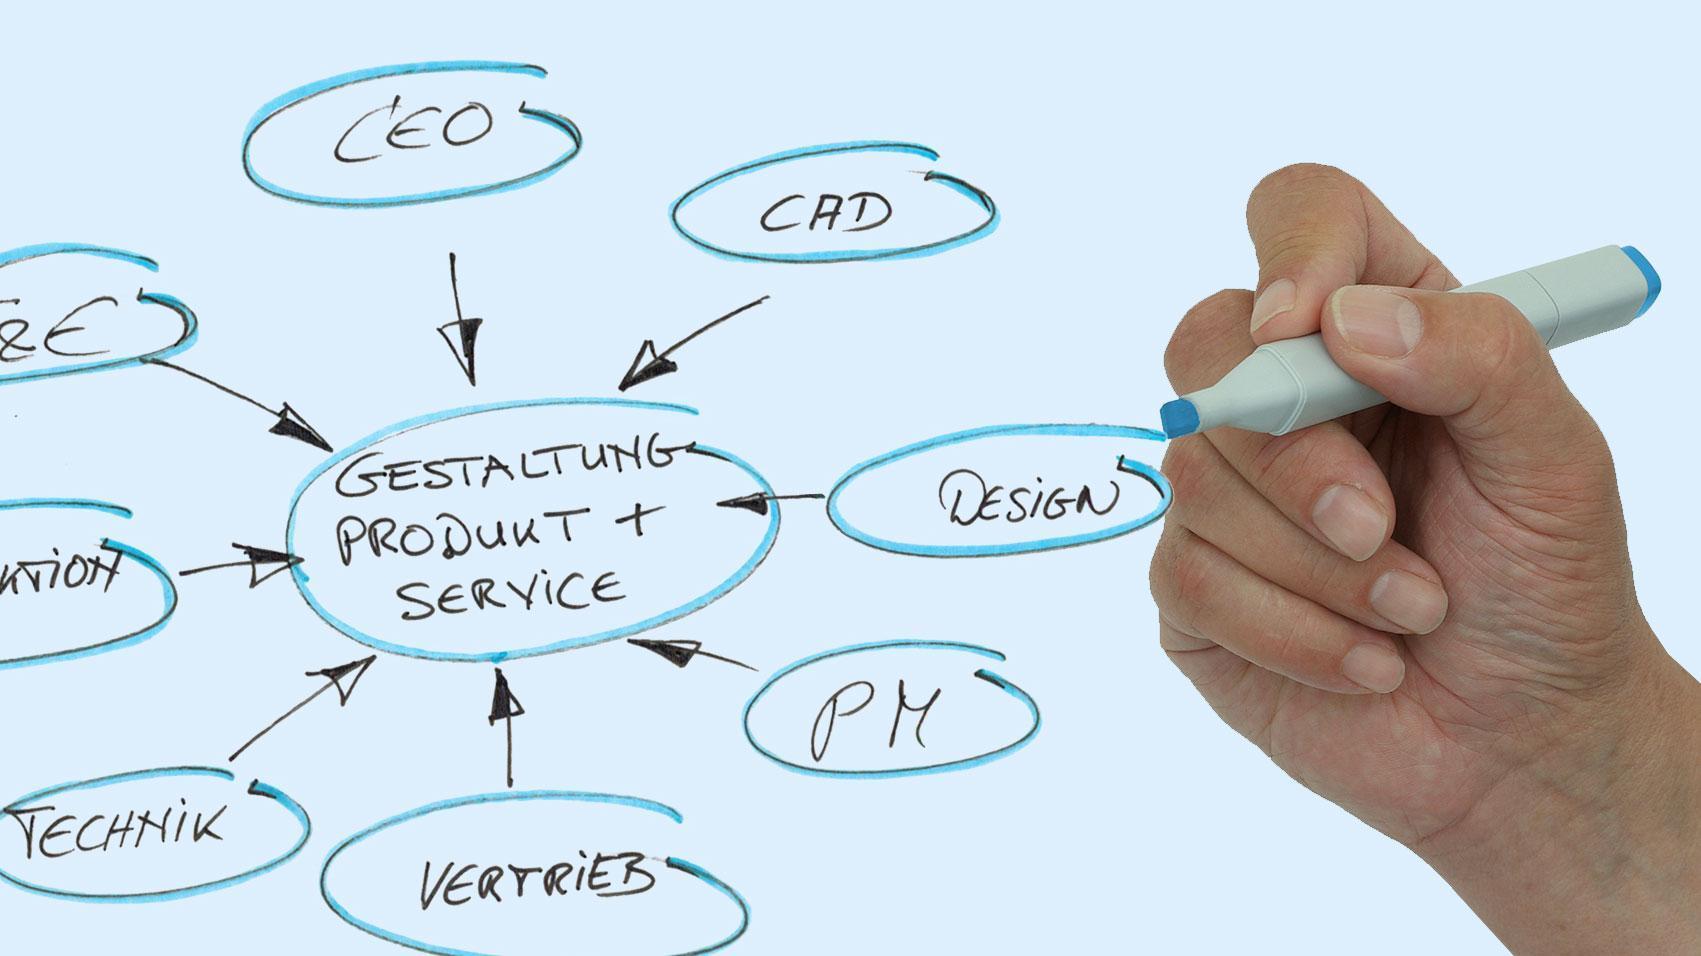 Abbildung Produktentwicklung beteilgte Unternehmensbereiche